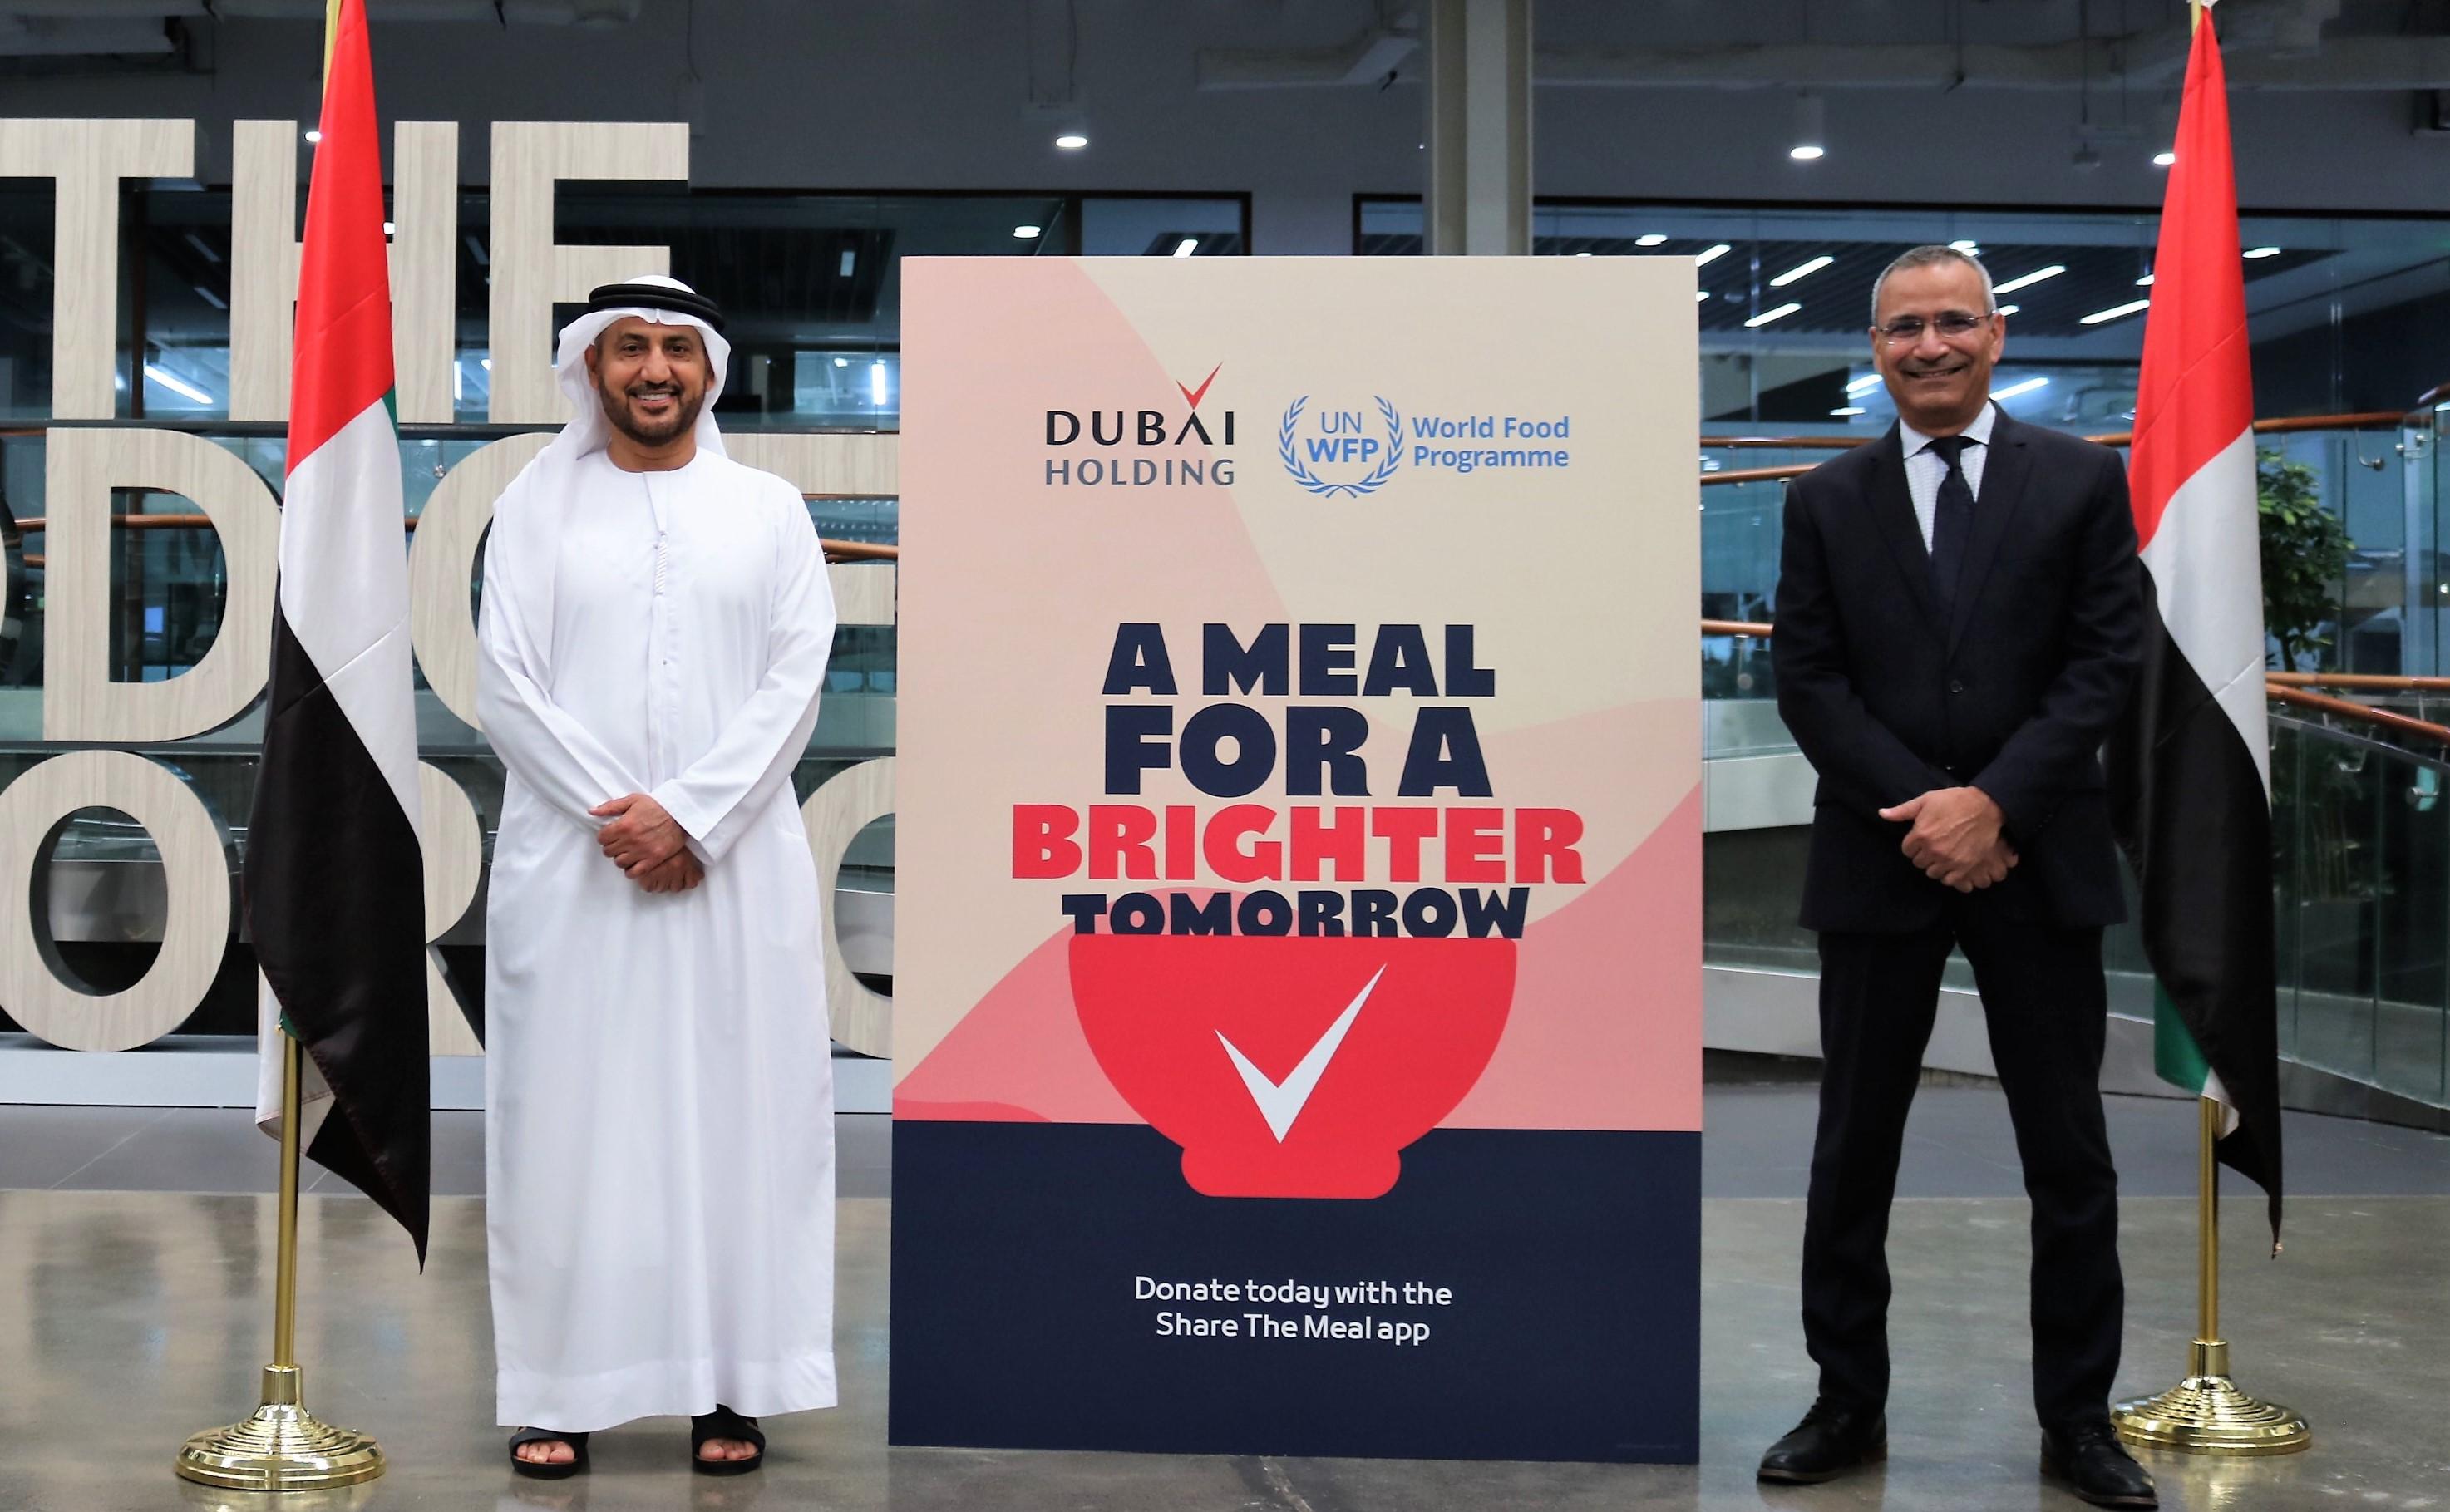 """دبي القابضة"""" تتعاون مع برنامج الأغذية العالمي  لتوفير وجبات مغذية للأطفال في المنطقة"""